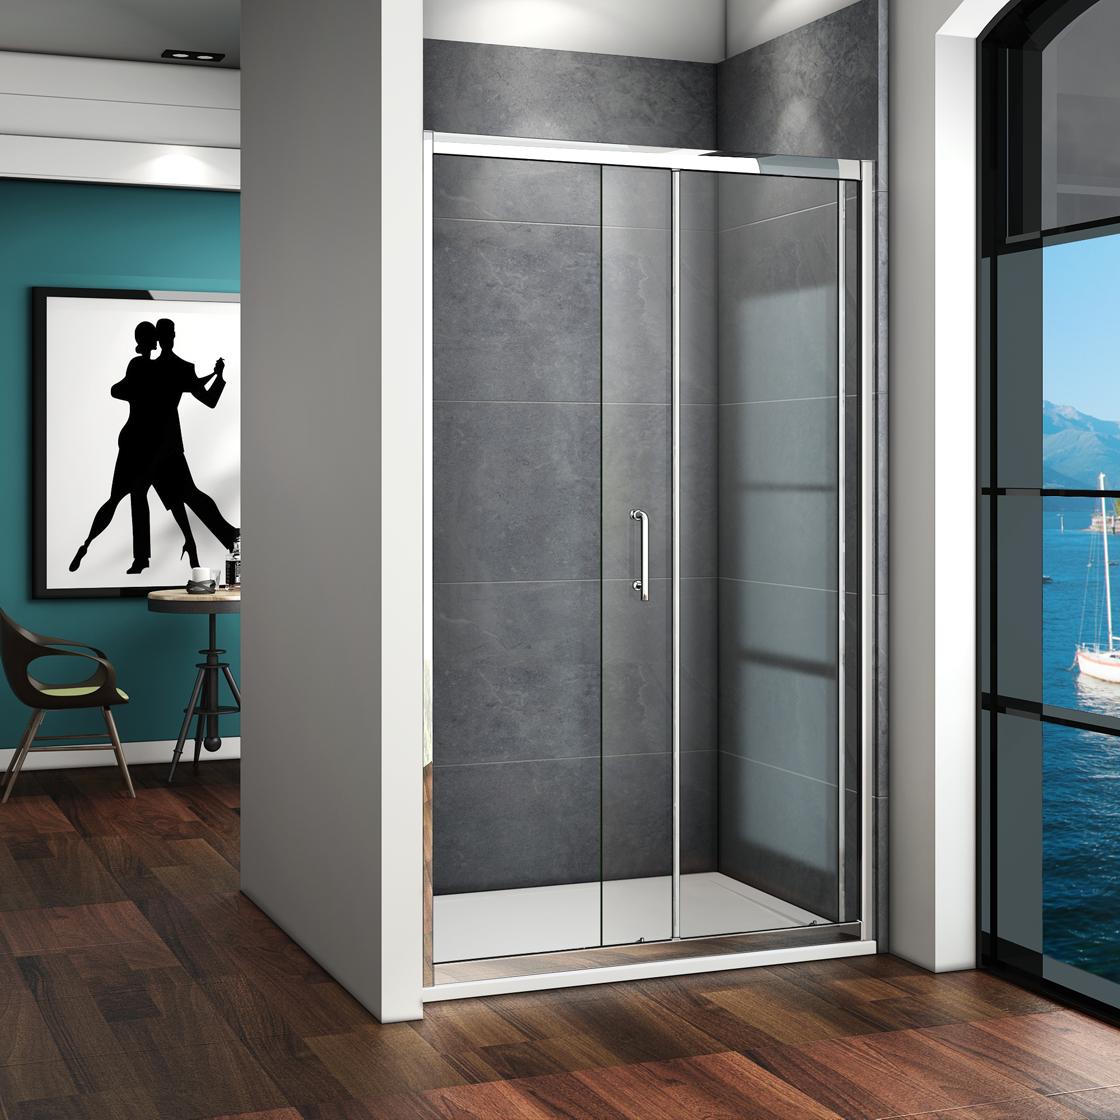 duschkabine duschabtrennung duschwand dusche schiebet r nischent r 100x185cm ebay. Black Bedroom Furniture Sets. Home Design Ideas